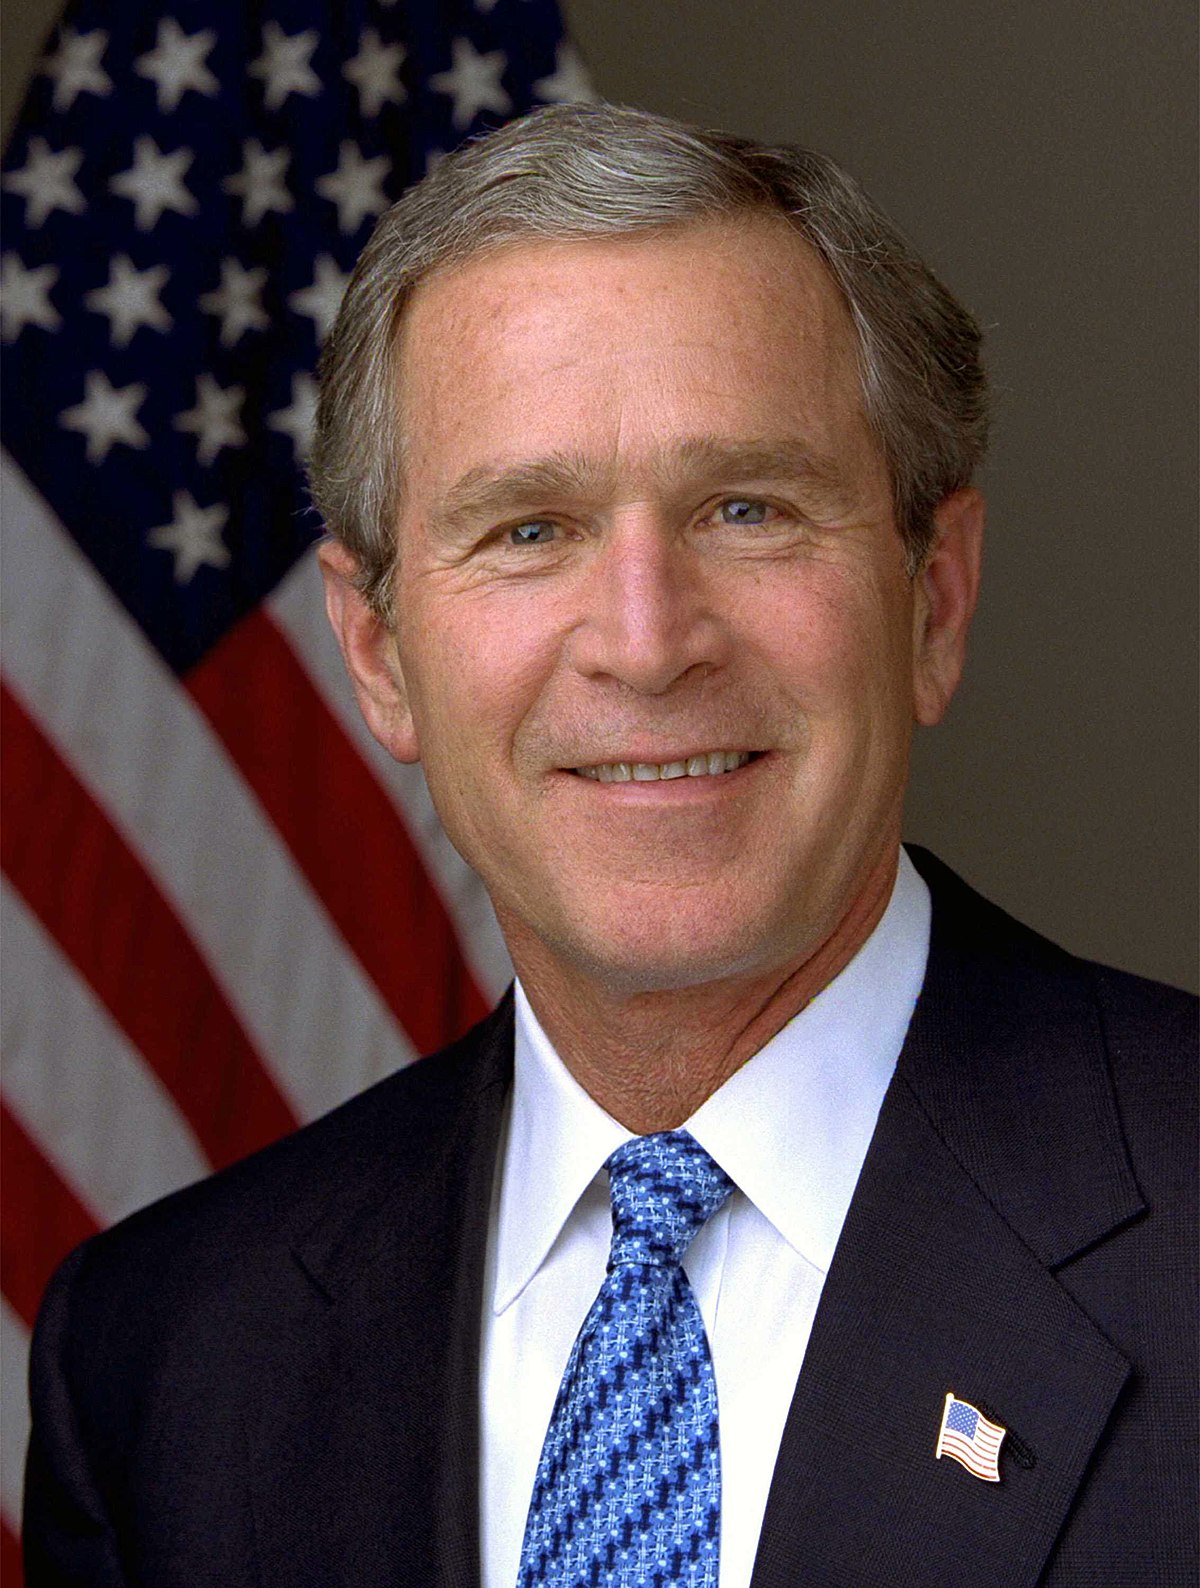 George W. Bush - Wikipedia, la enciclopedia libre